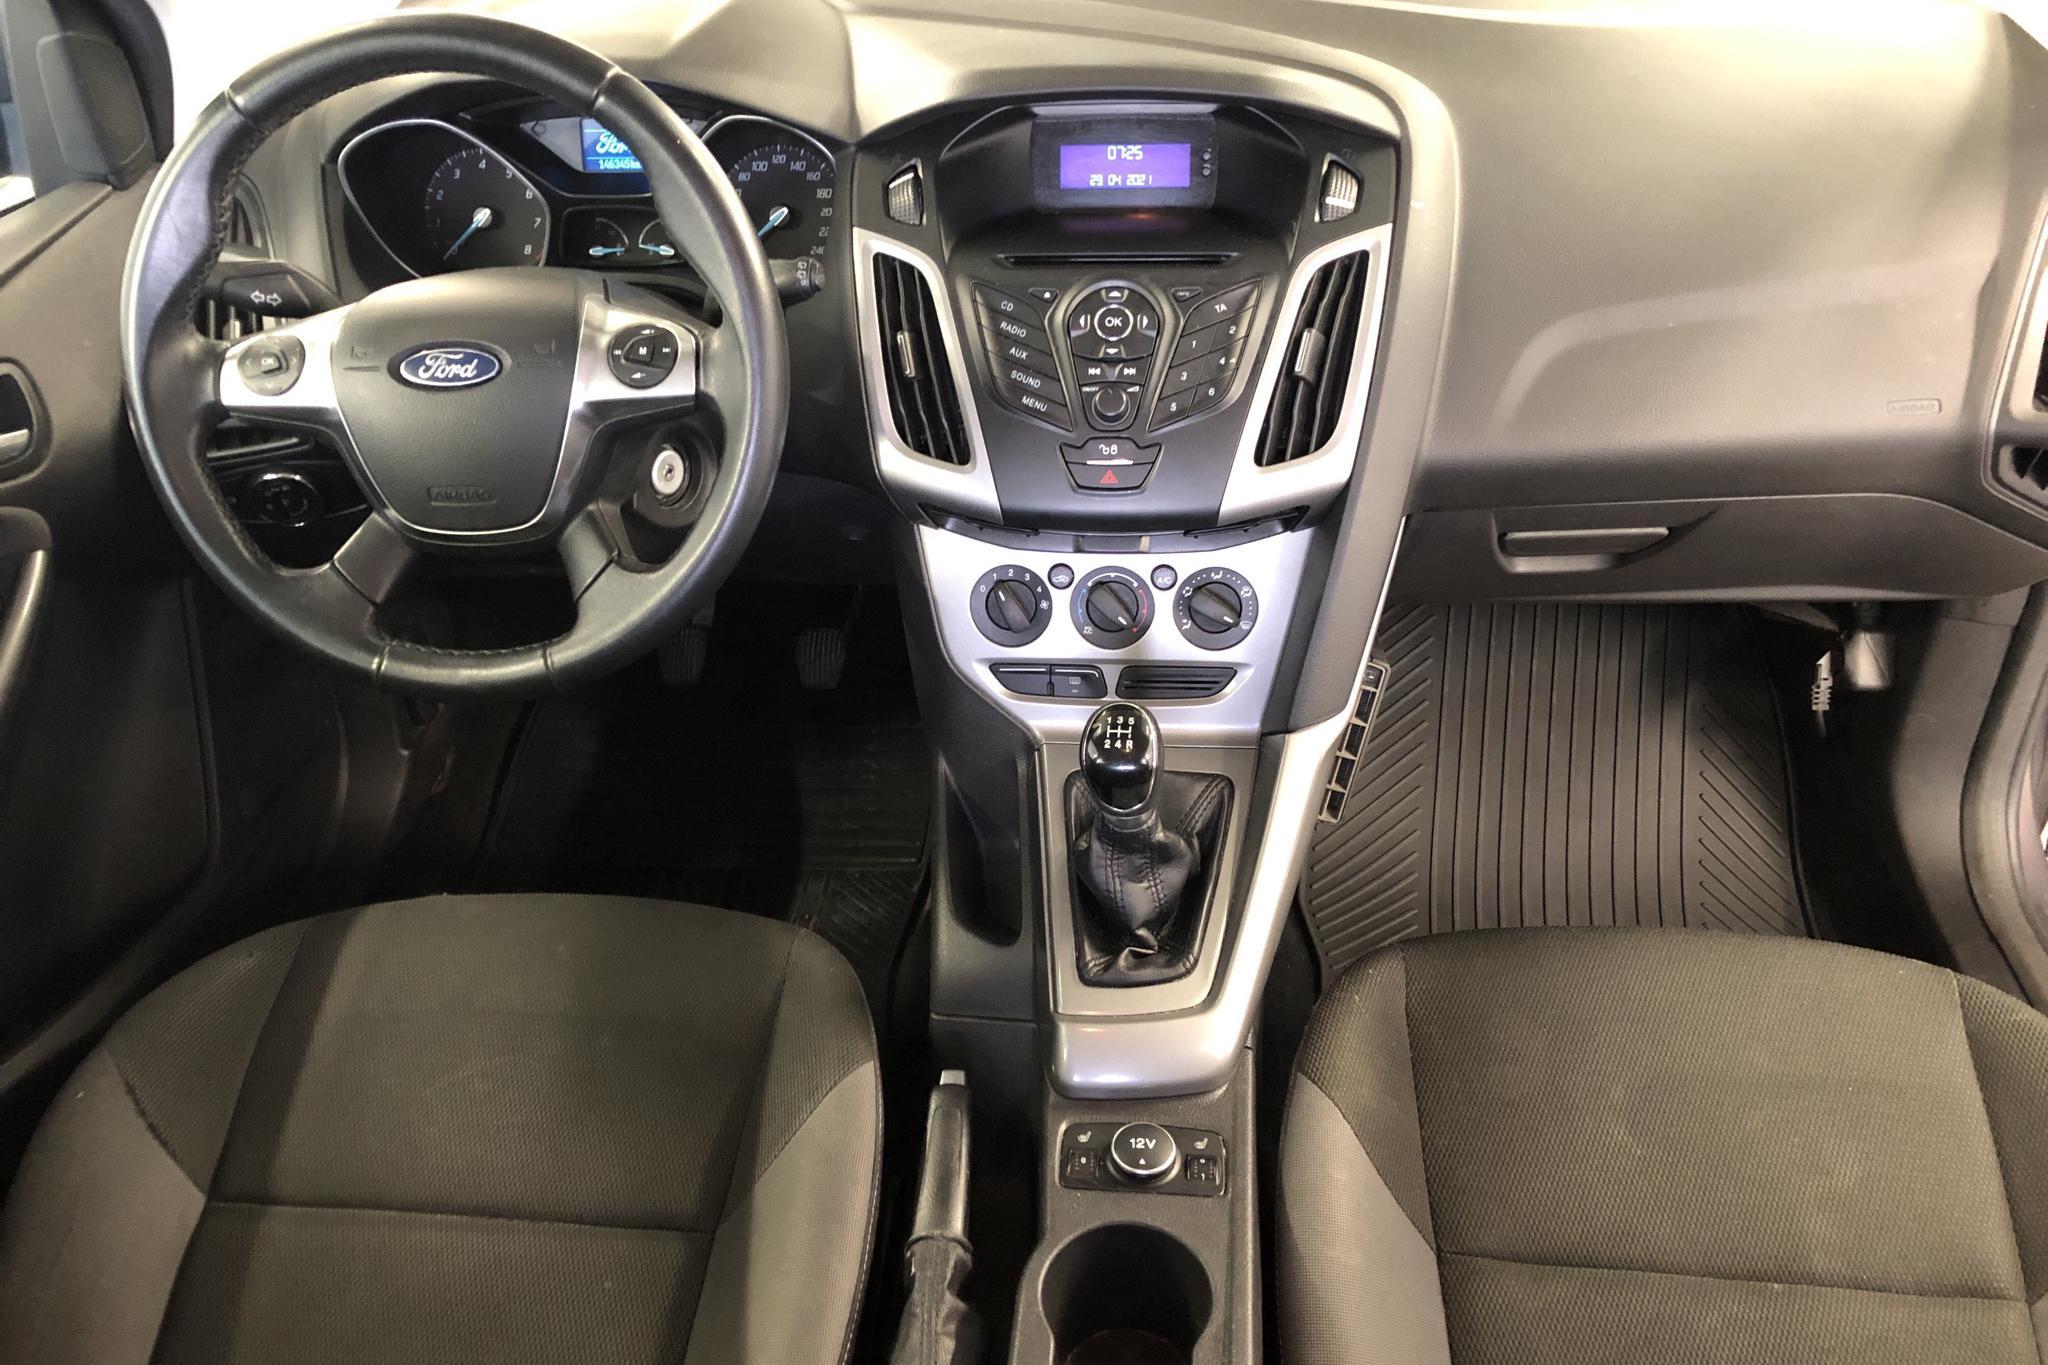 Ford Focus 1.6 Ti-VCT Flexifuel Kombi (120hk) - 14 635 mil - Manuell - brun - 2012